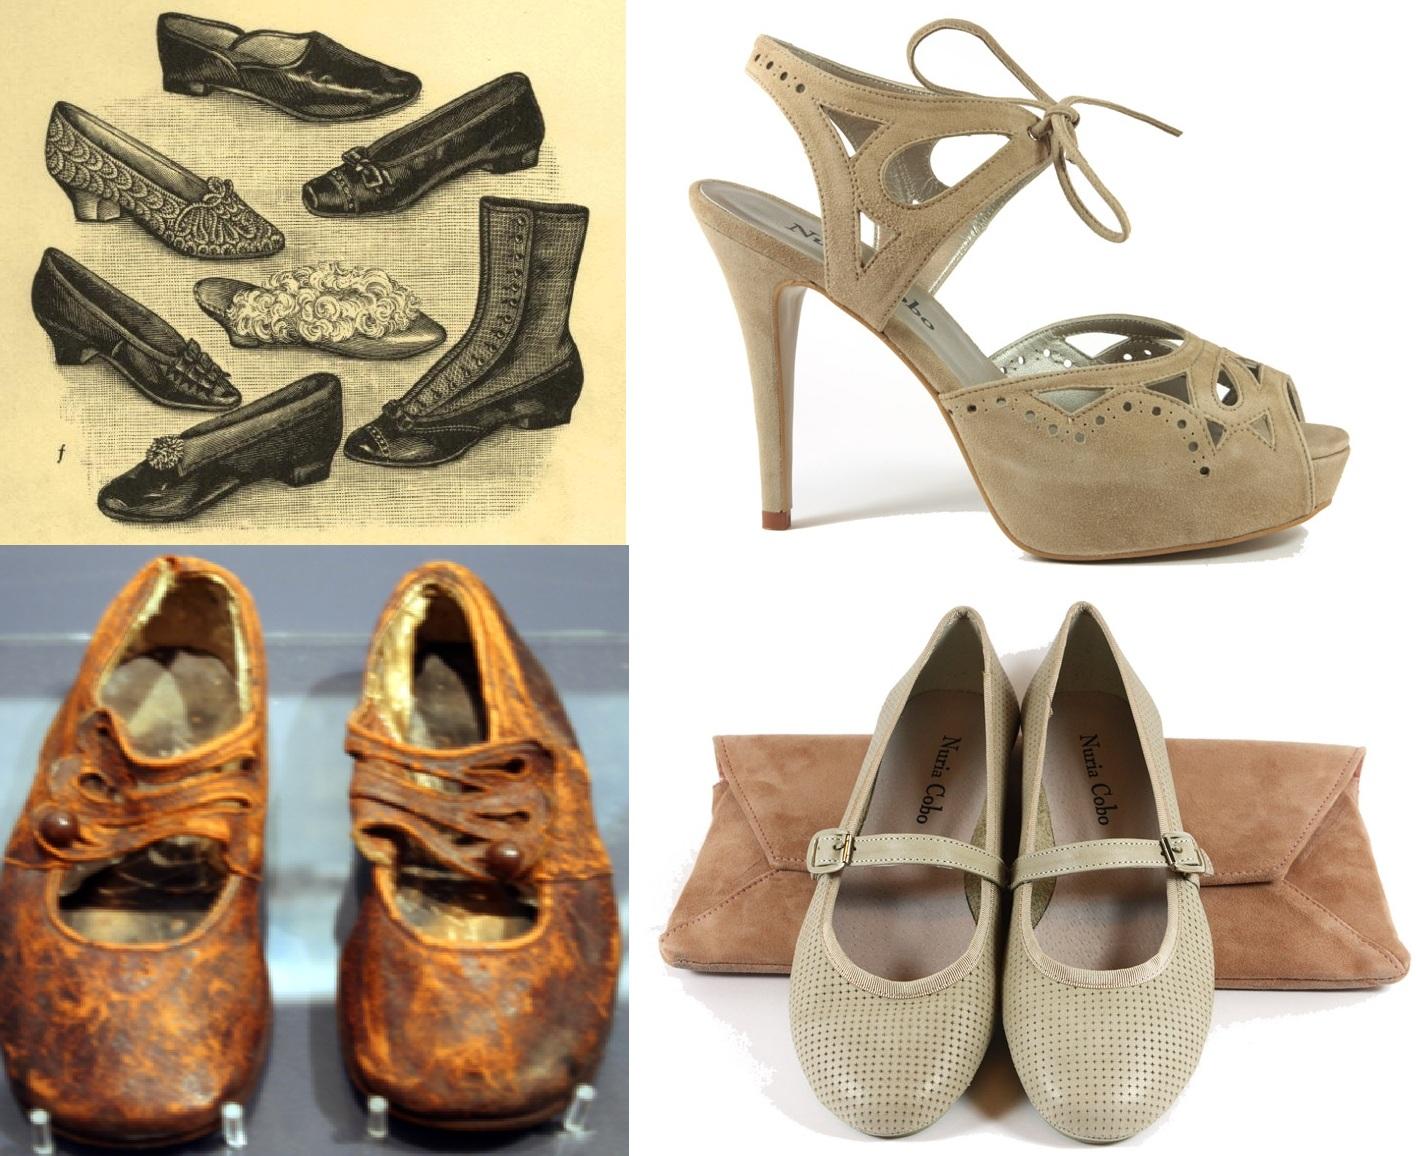 Geppe kadoc - Restos de zapatos ...